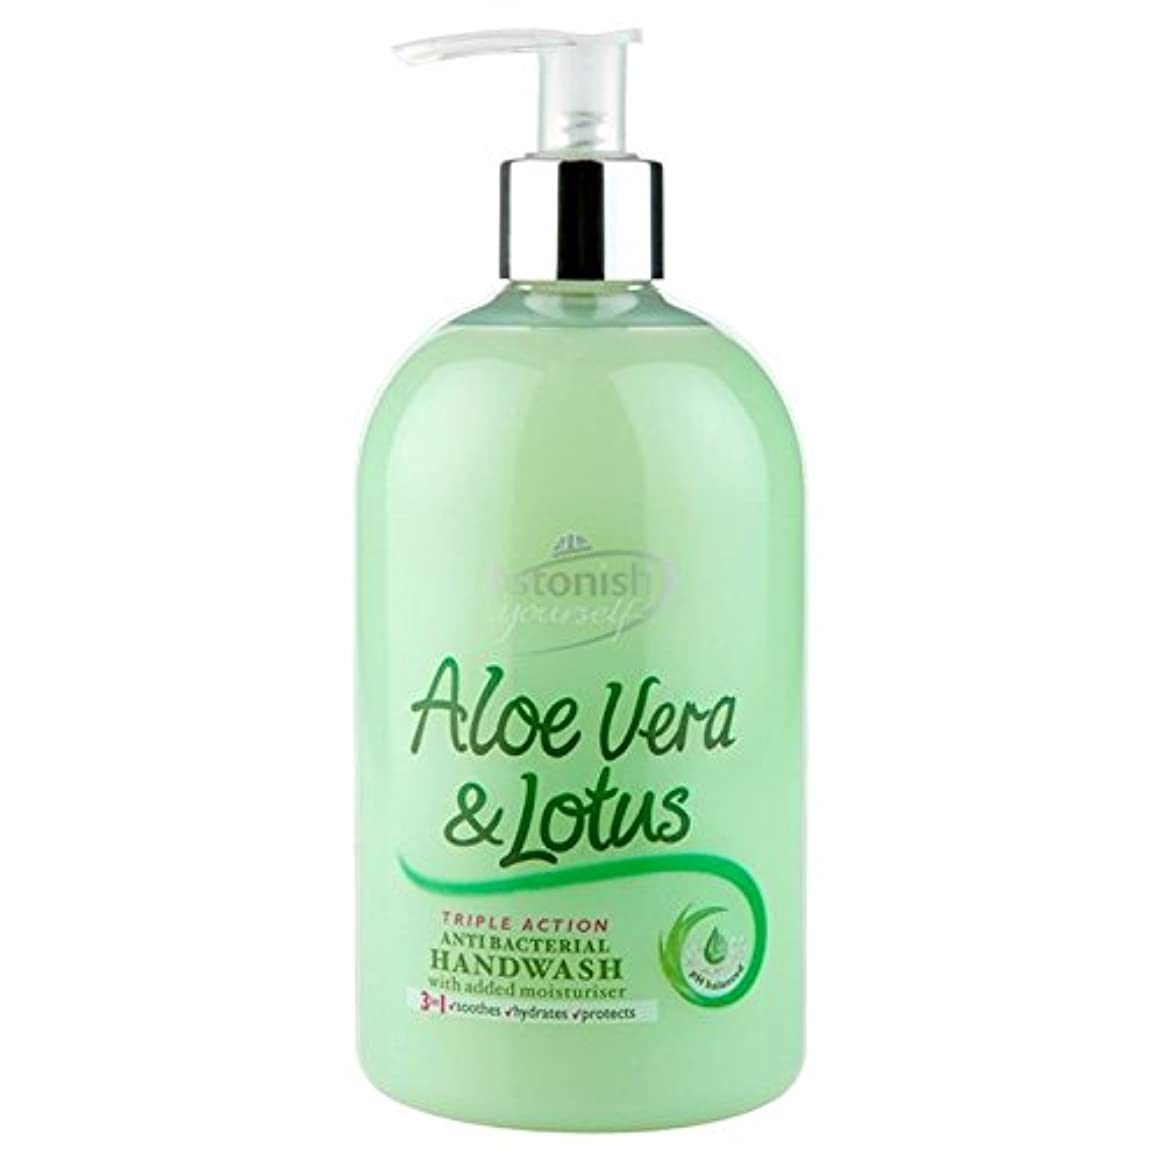 コードヒロインズボンAstonish Aloe Vera & Lotus Anti Bacterial Hand Wash 500ml (Pack of 4) - (Astonish) アロエベラ&蓮抗細菌手洗いの500ミリリットル (x4...